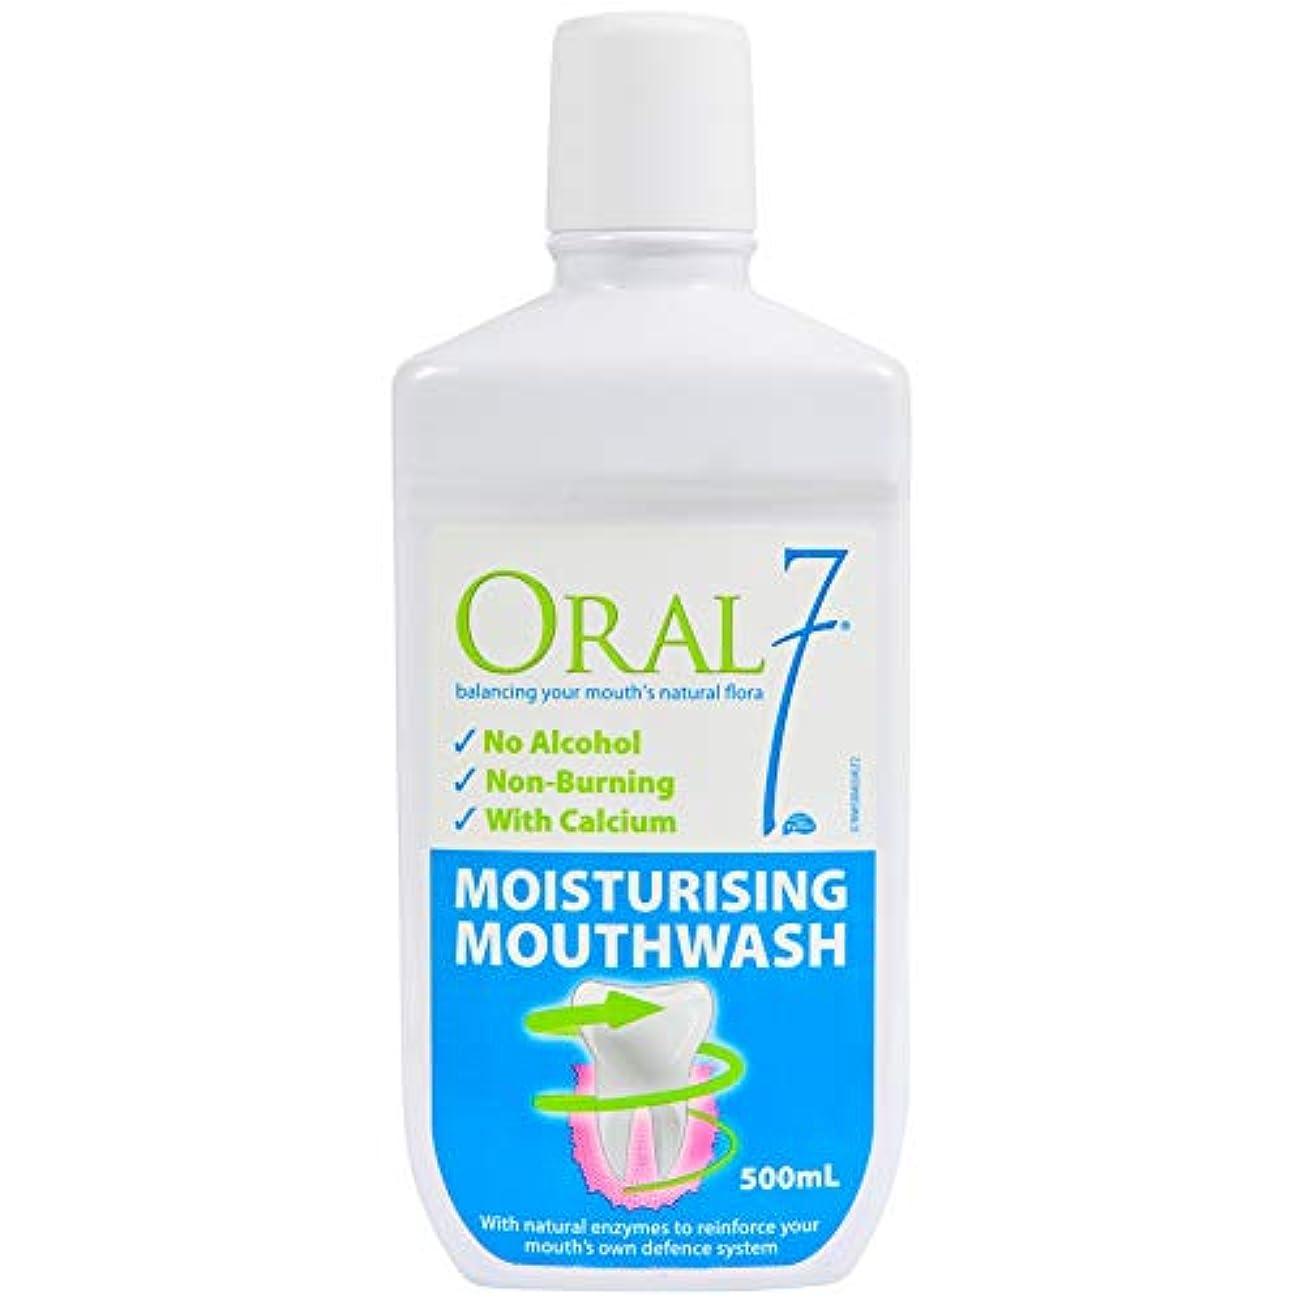 以内に含むプロフェッショナルオーラル7 モイスチャライジングマウスウォッシュ 500ml 4種の天然酵素配合!口腔内保湿マウスウォッシュ お口の乾燥対策に